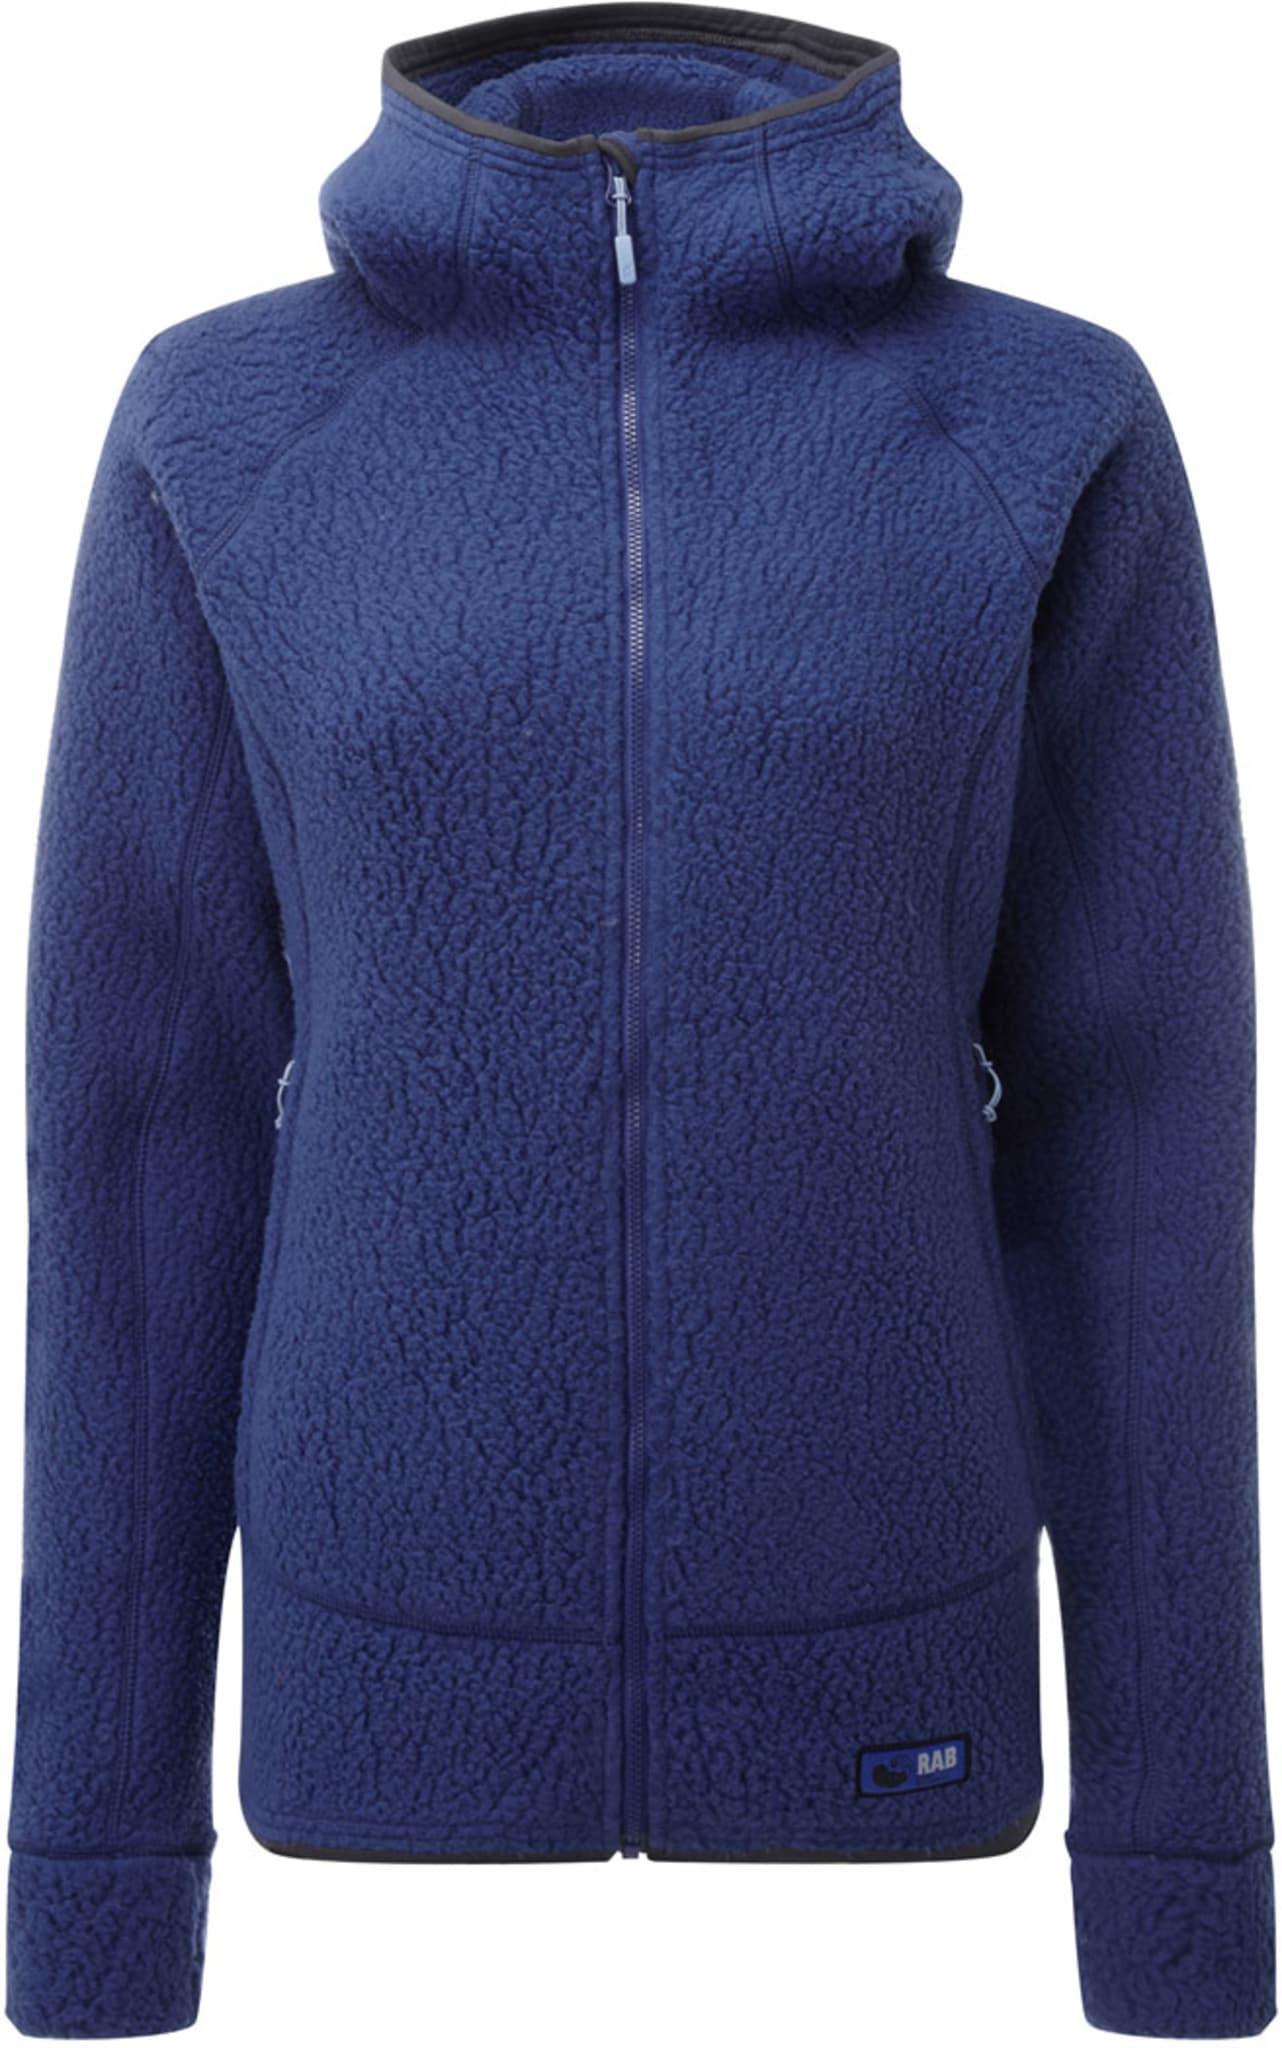 Shearling Jacket Ws